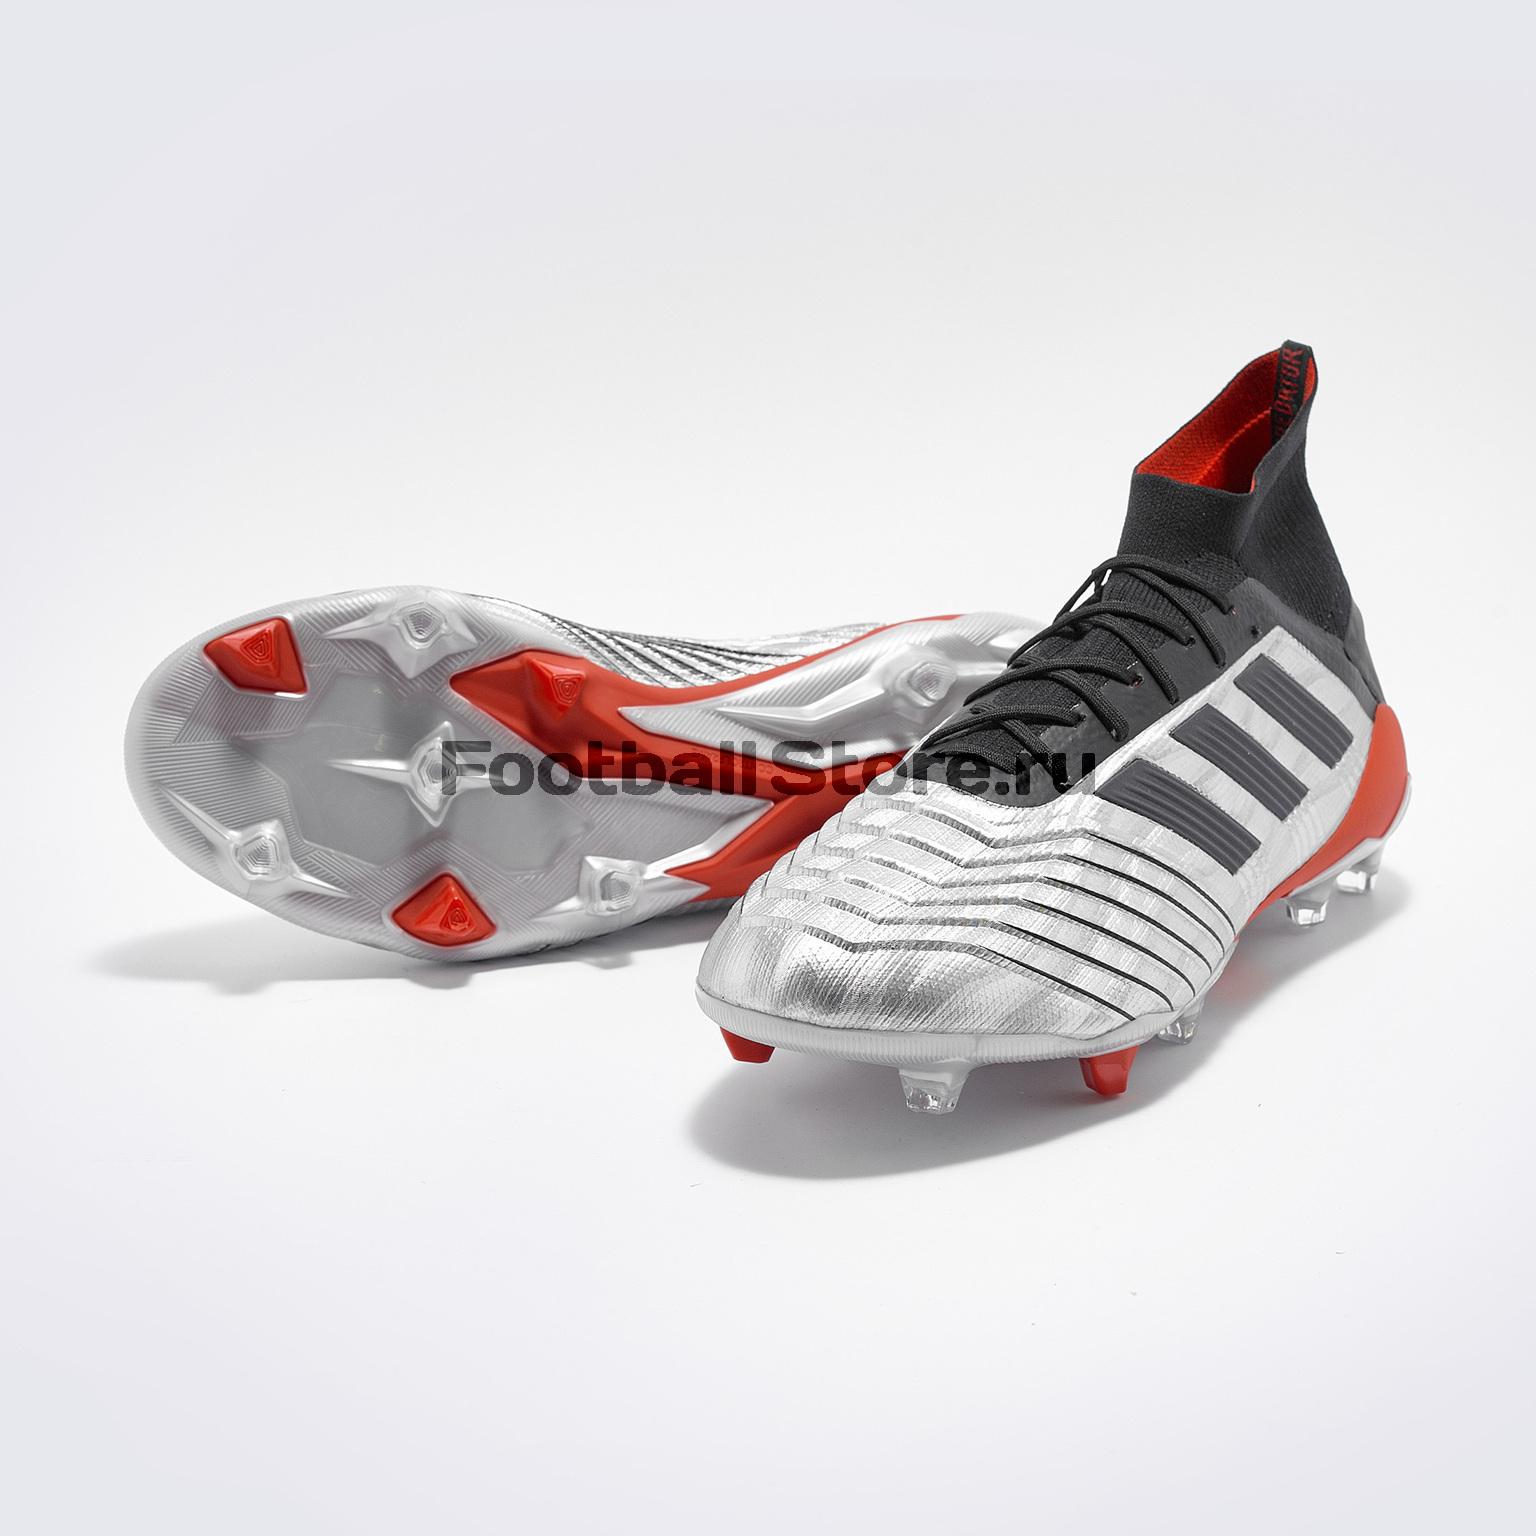 Бутсы Adidas Predator 19.1 FG F35607 цена